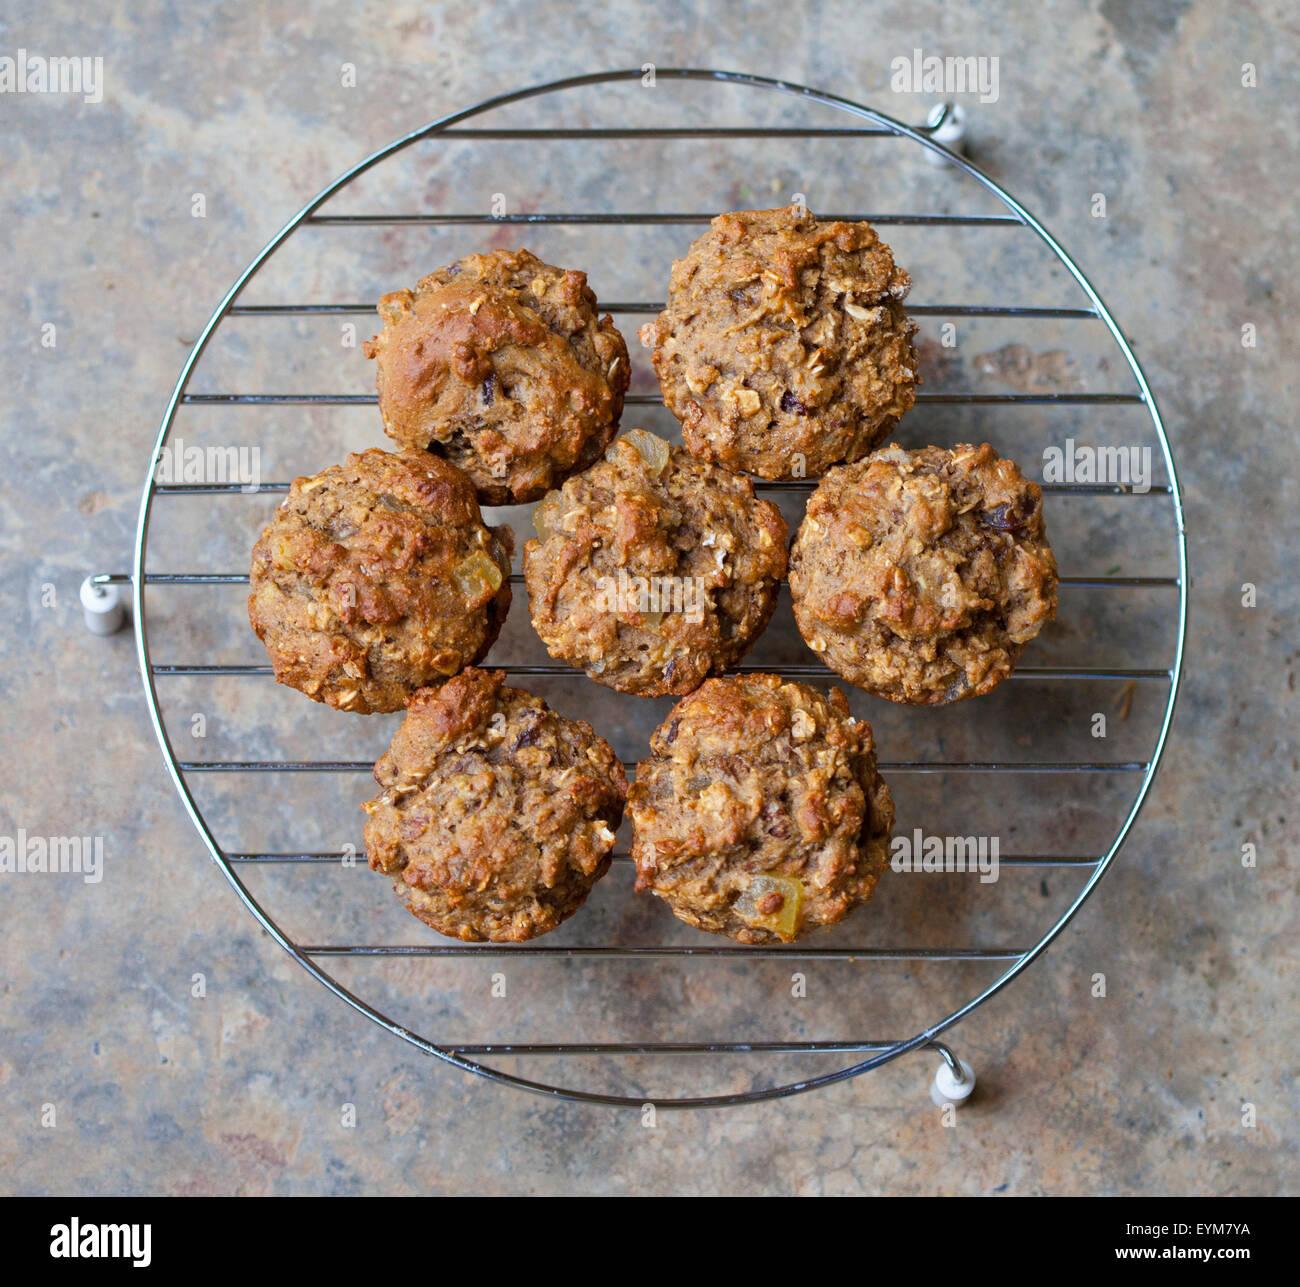 Muffins au son du four sur une grille de refroidissement Photo Stock